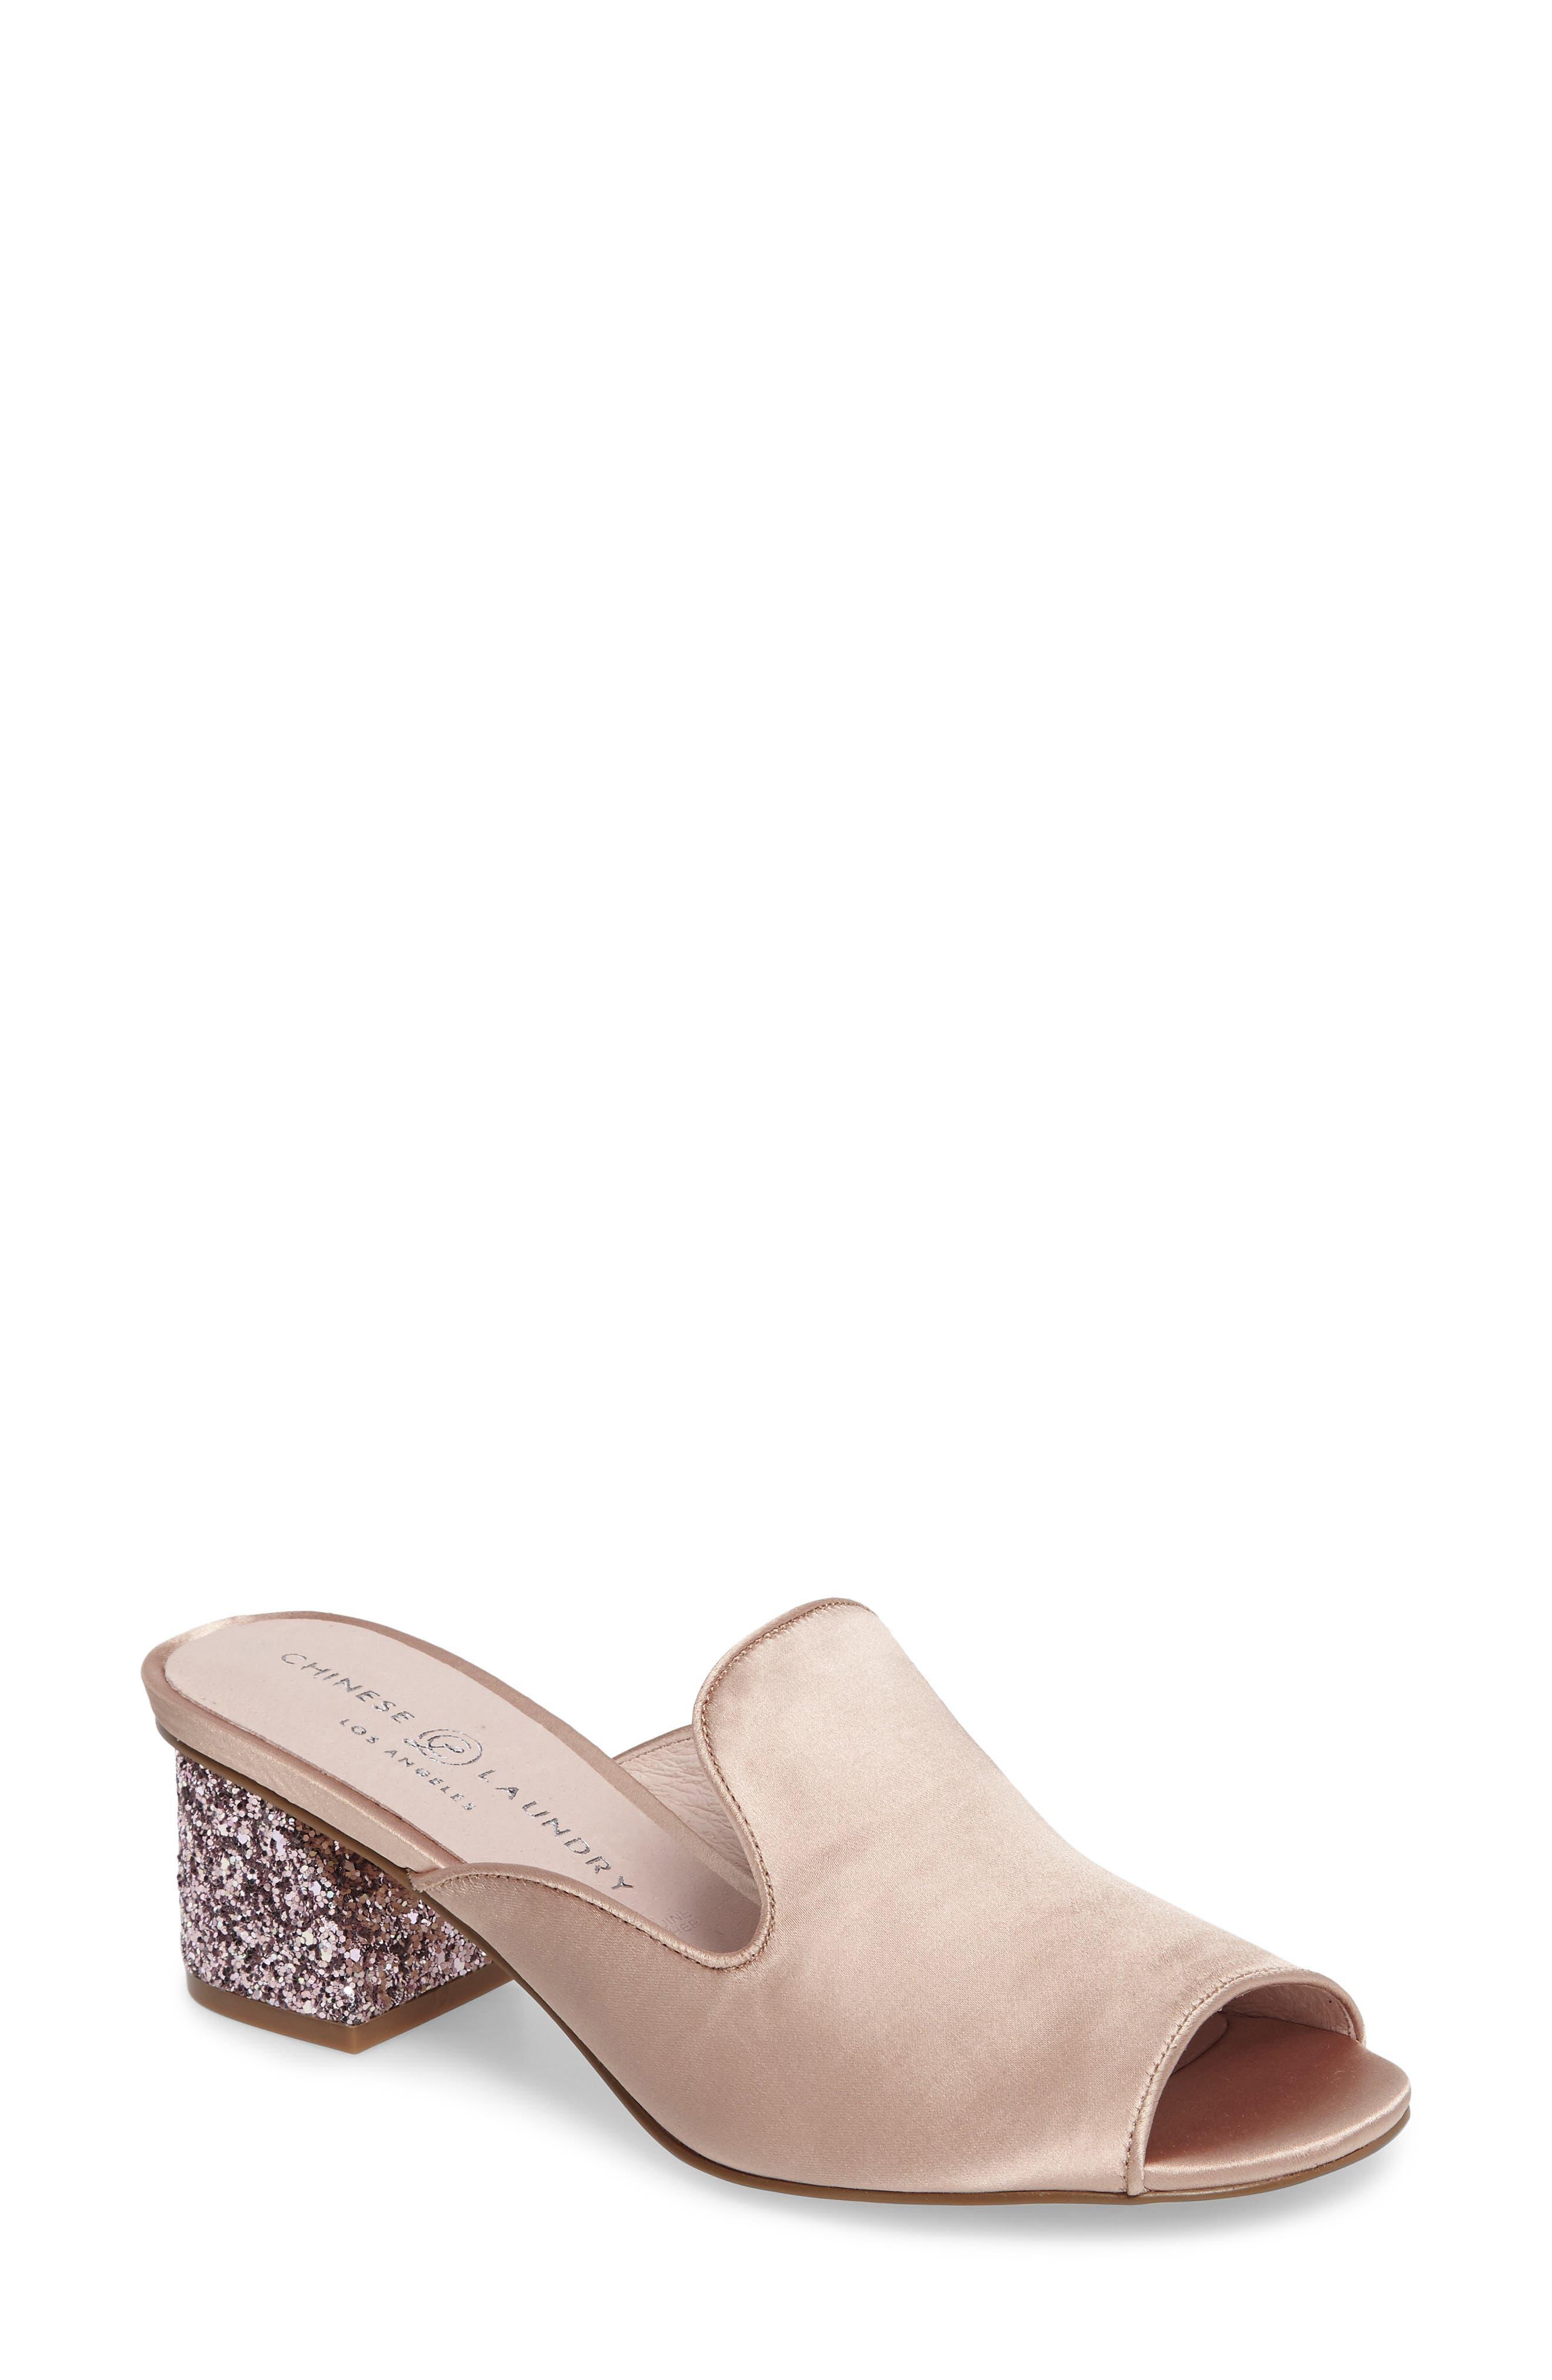 Chinese Laundry Mara Glitter Loafer Mule (Women)